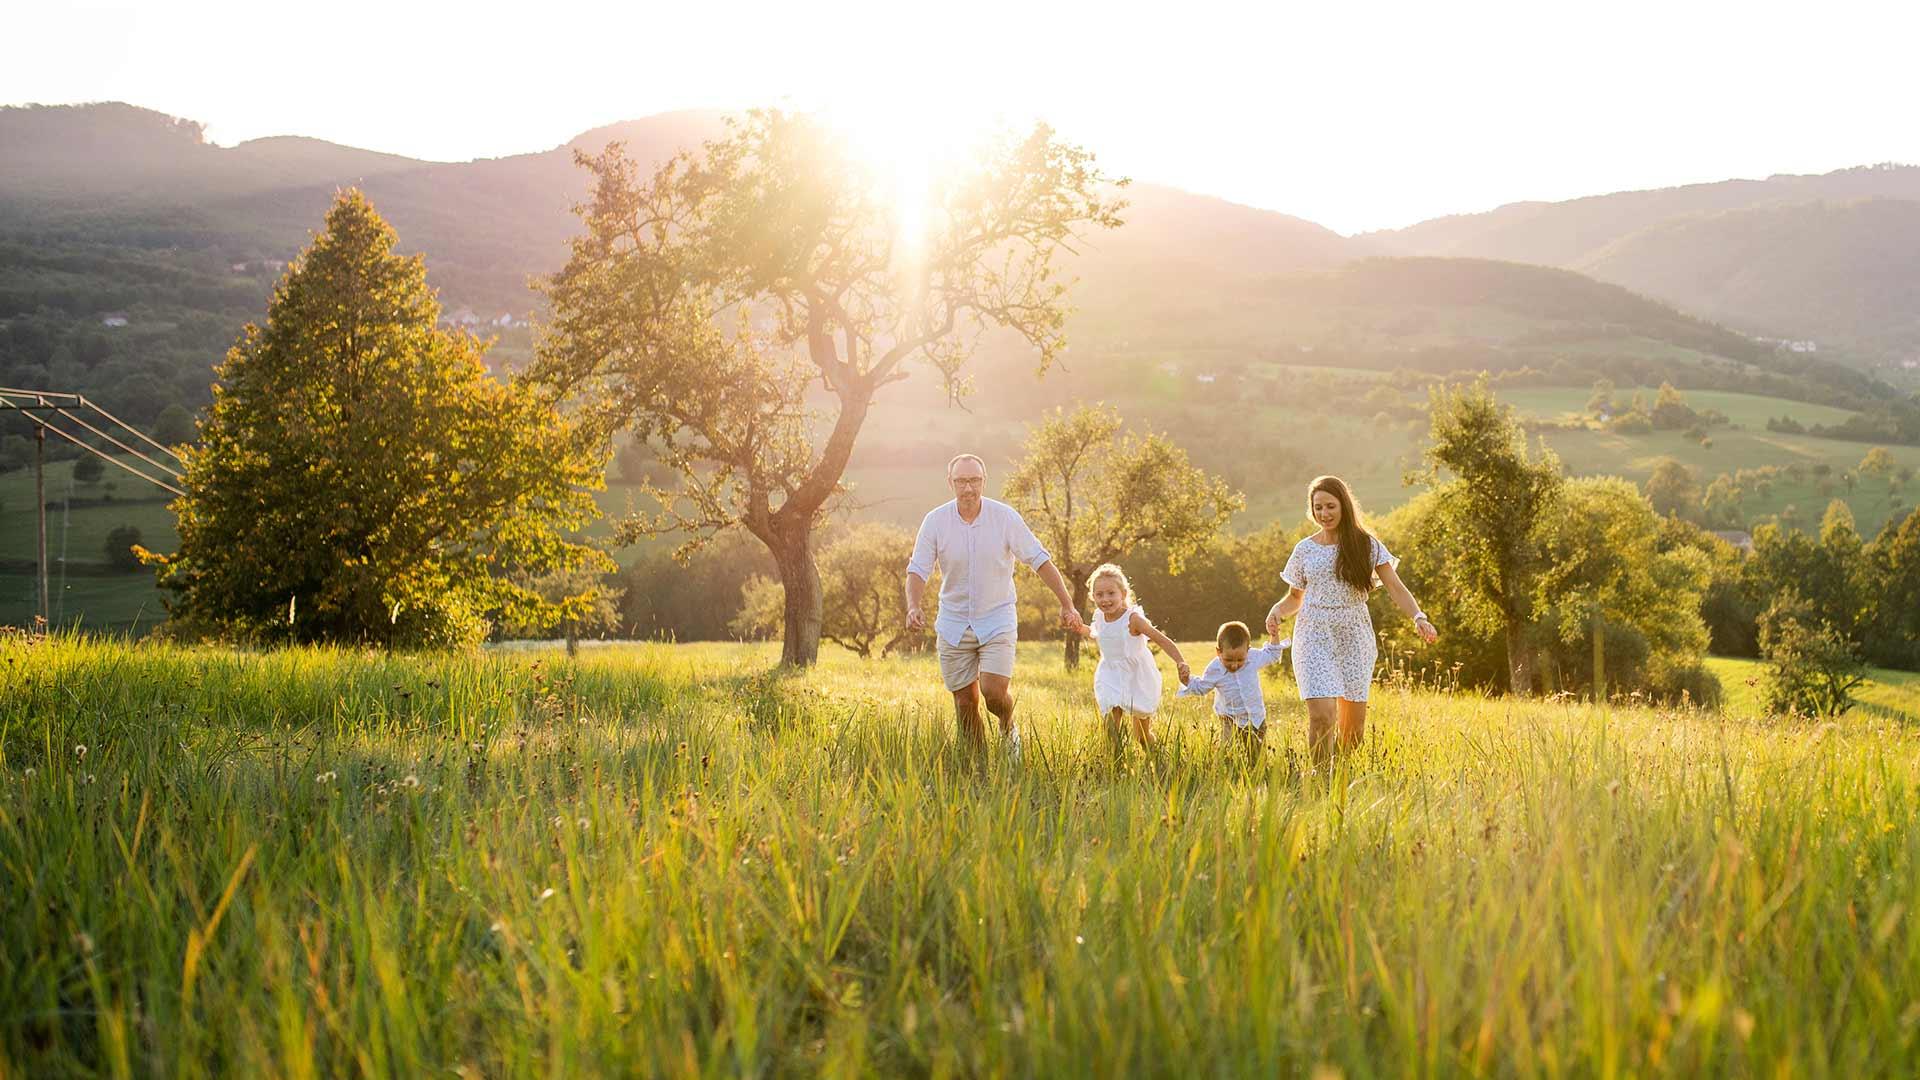 Vacanza in famiglia